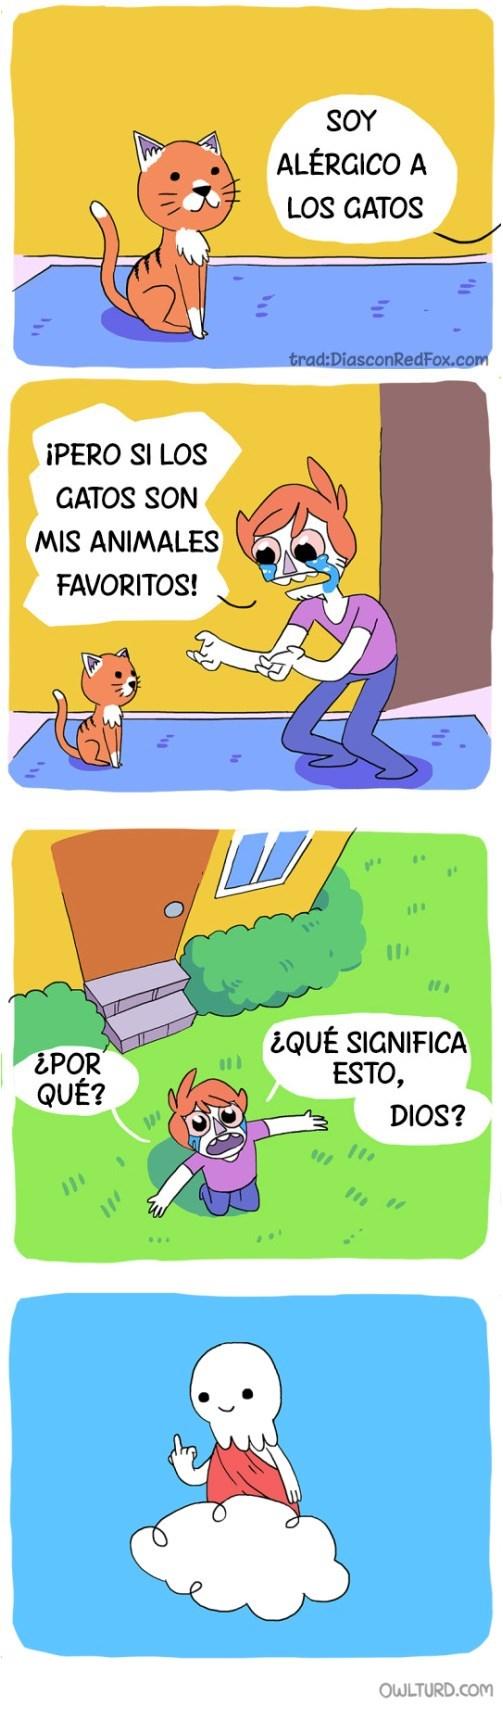 alergico a los gatos